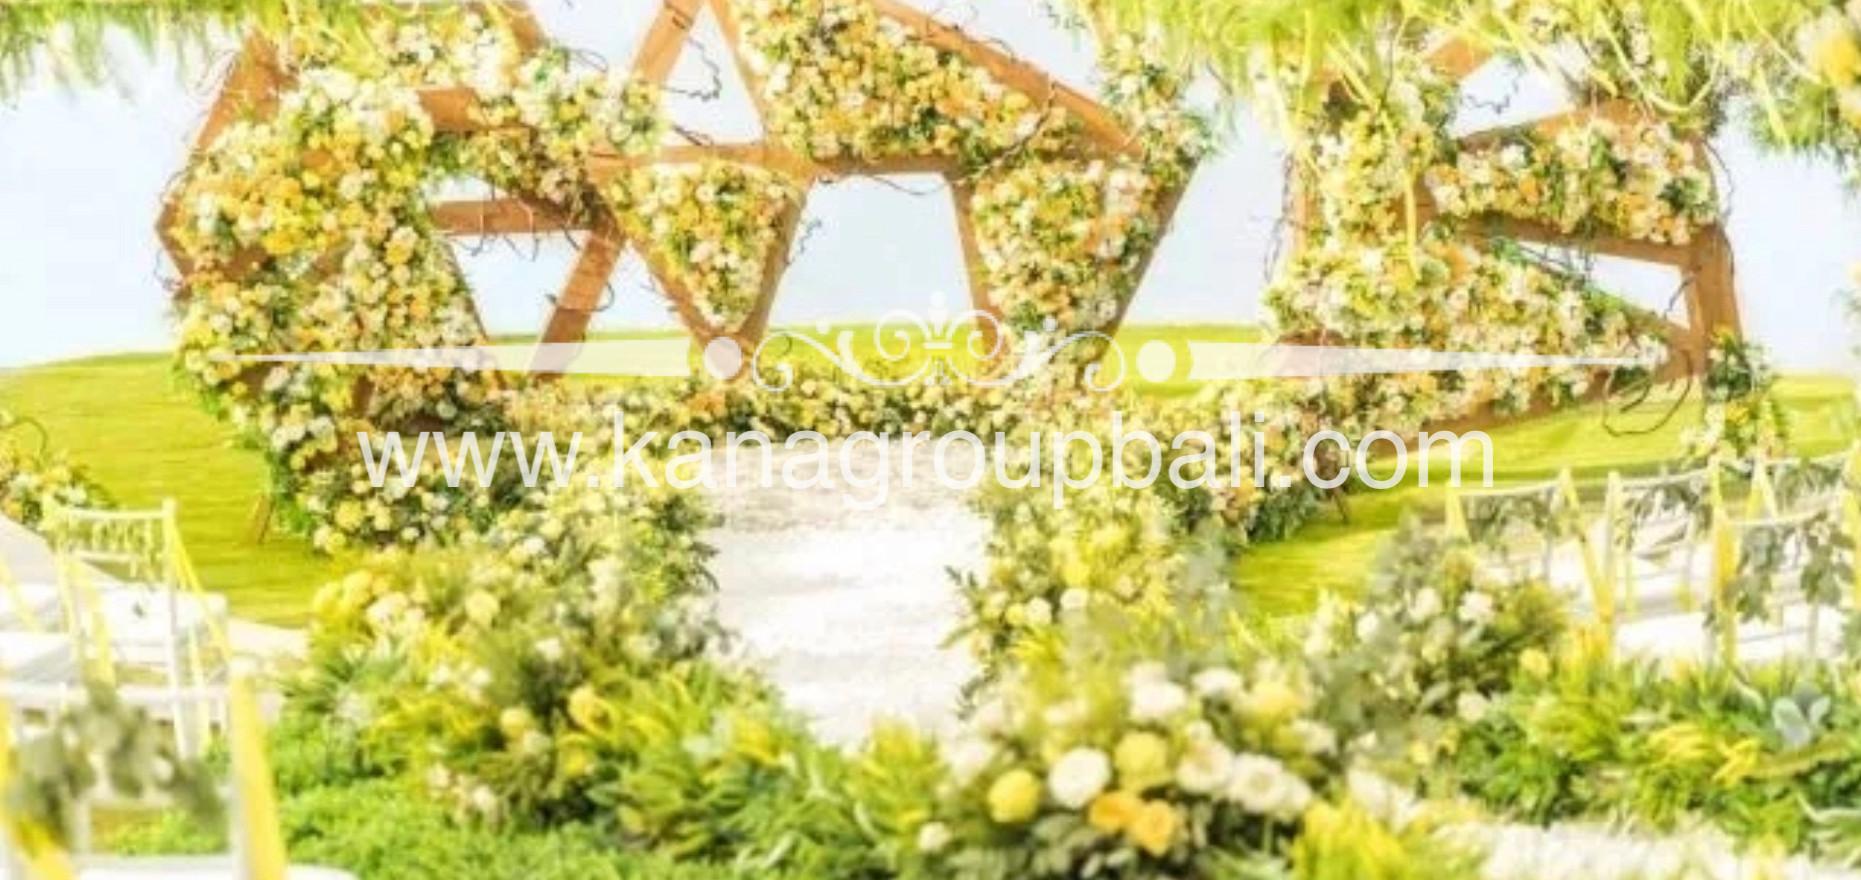 yellow white wedding.jpg